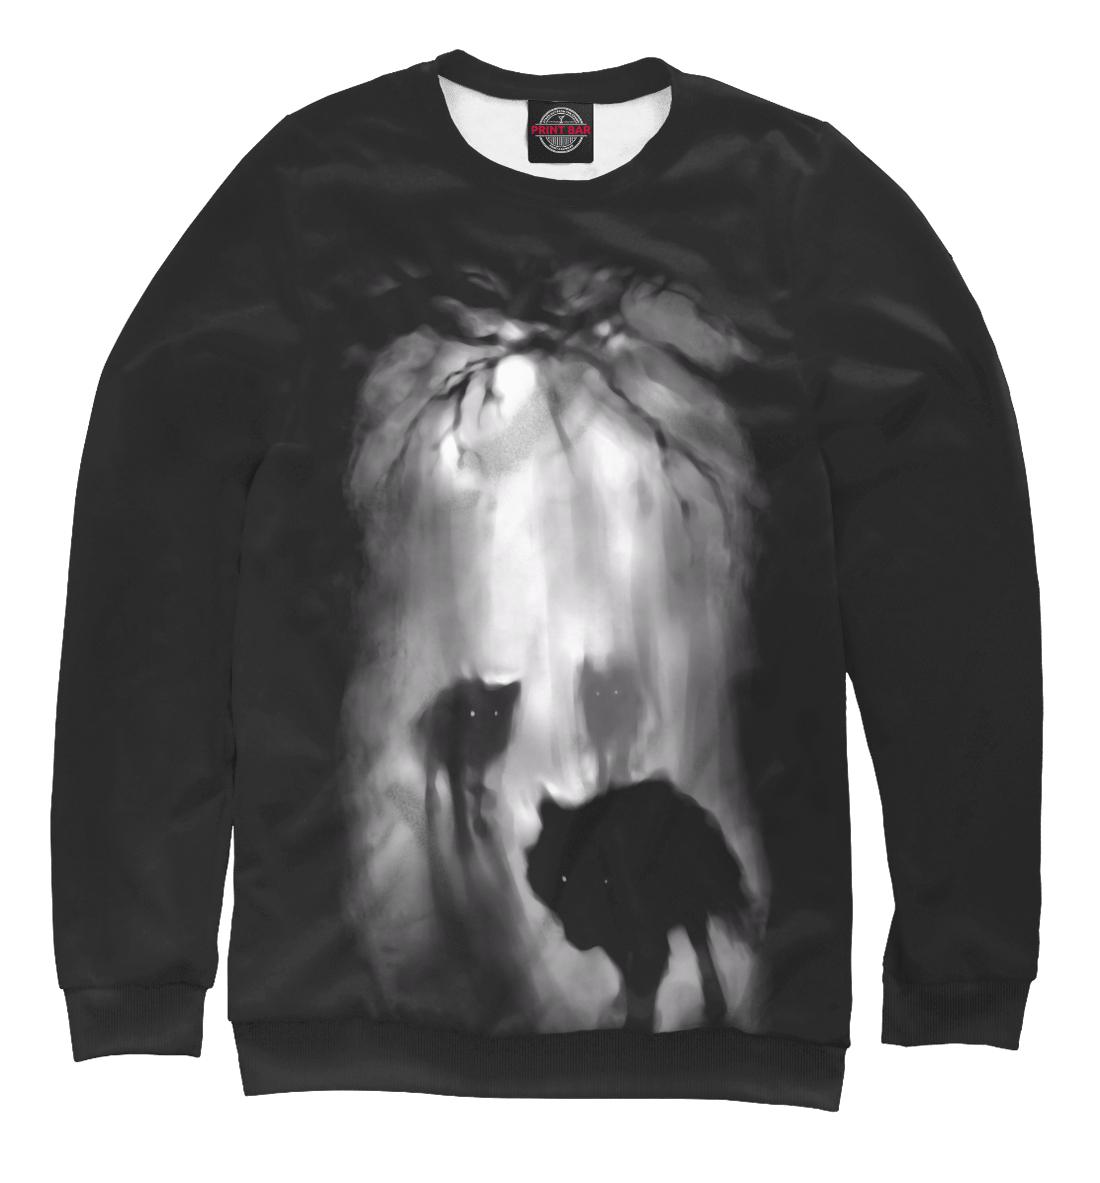 Купить Волки ночью в лесу, Printbar, Свитшоты, VLF-177471-swi-1